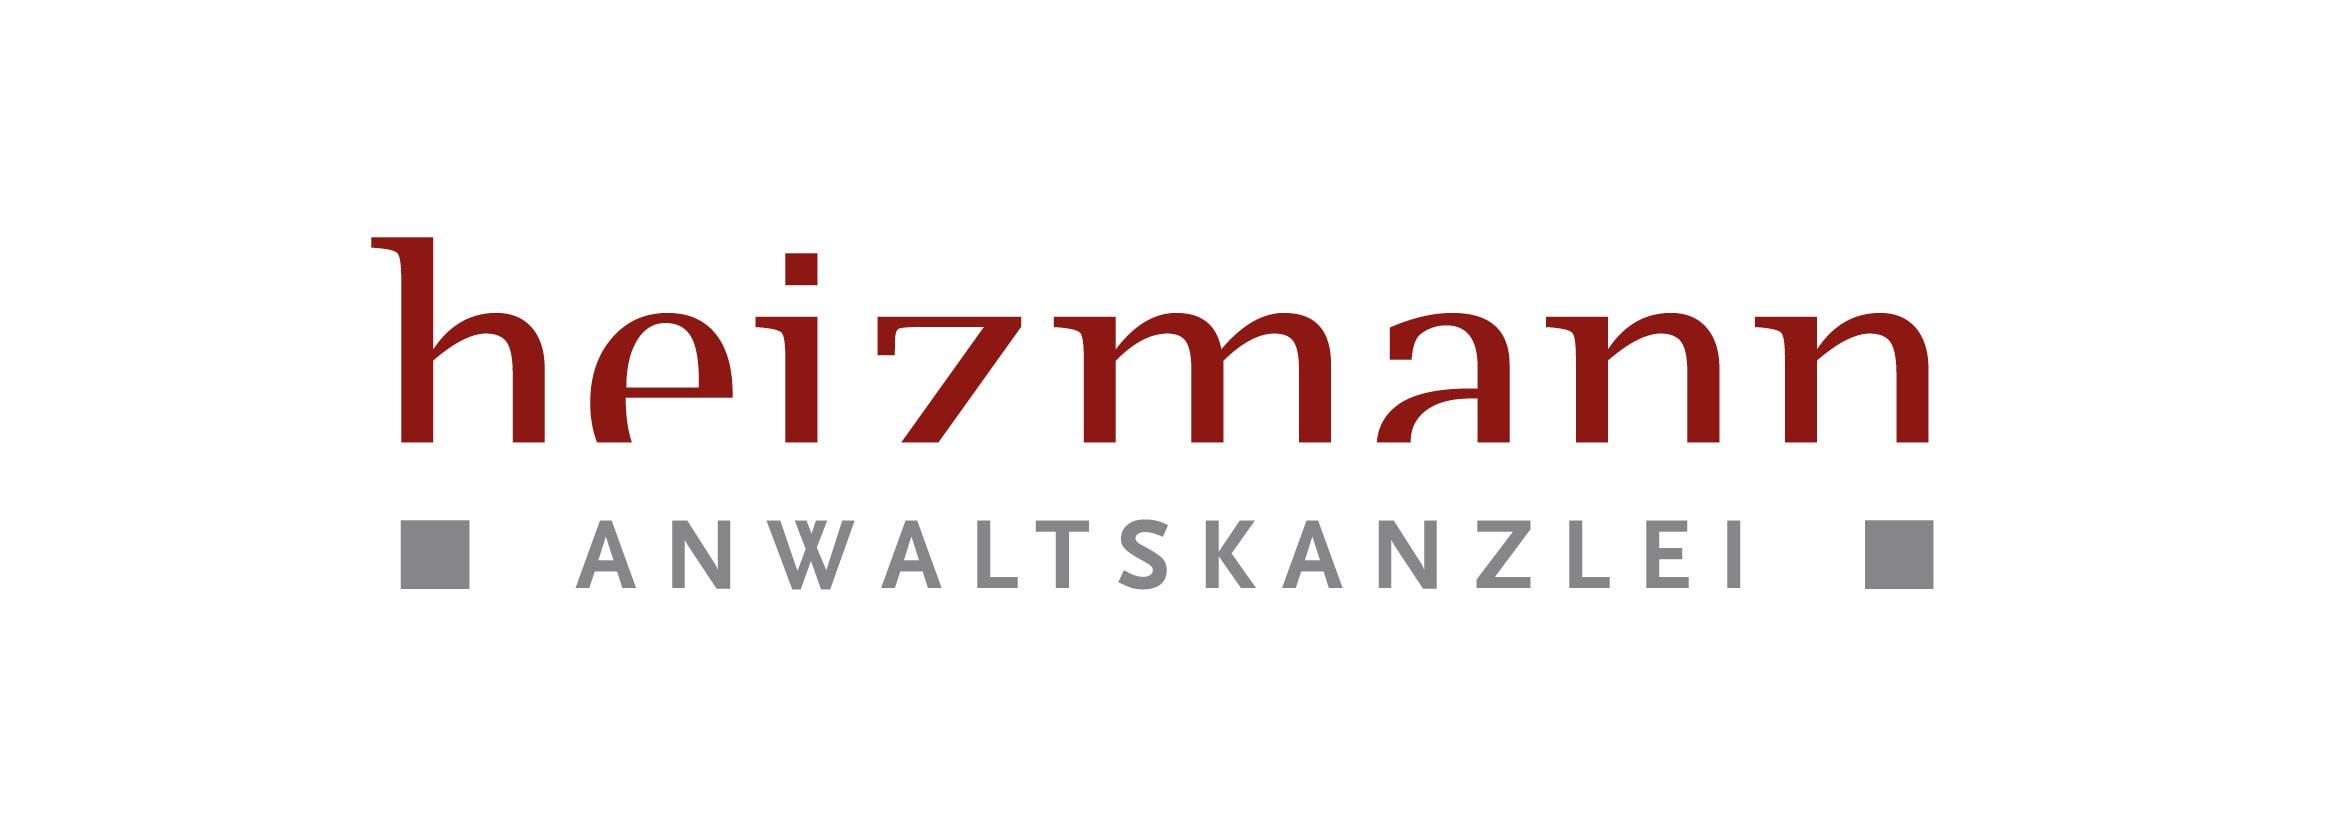 Corporate Design und Logo Entwicklung für Anwaltskanzlei Heizmann durch Grafik-Designer Ronald Wissler